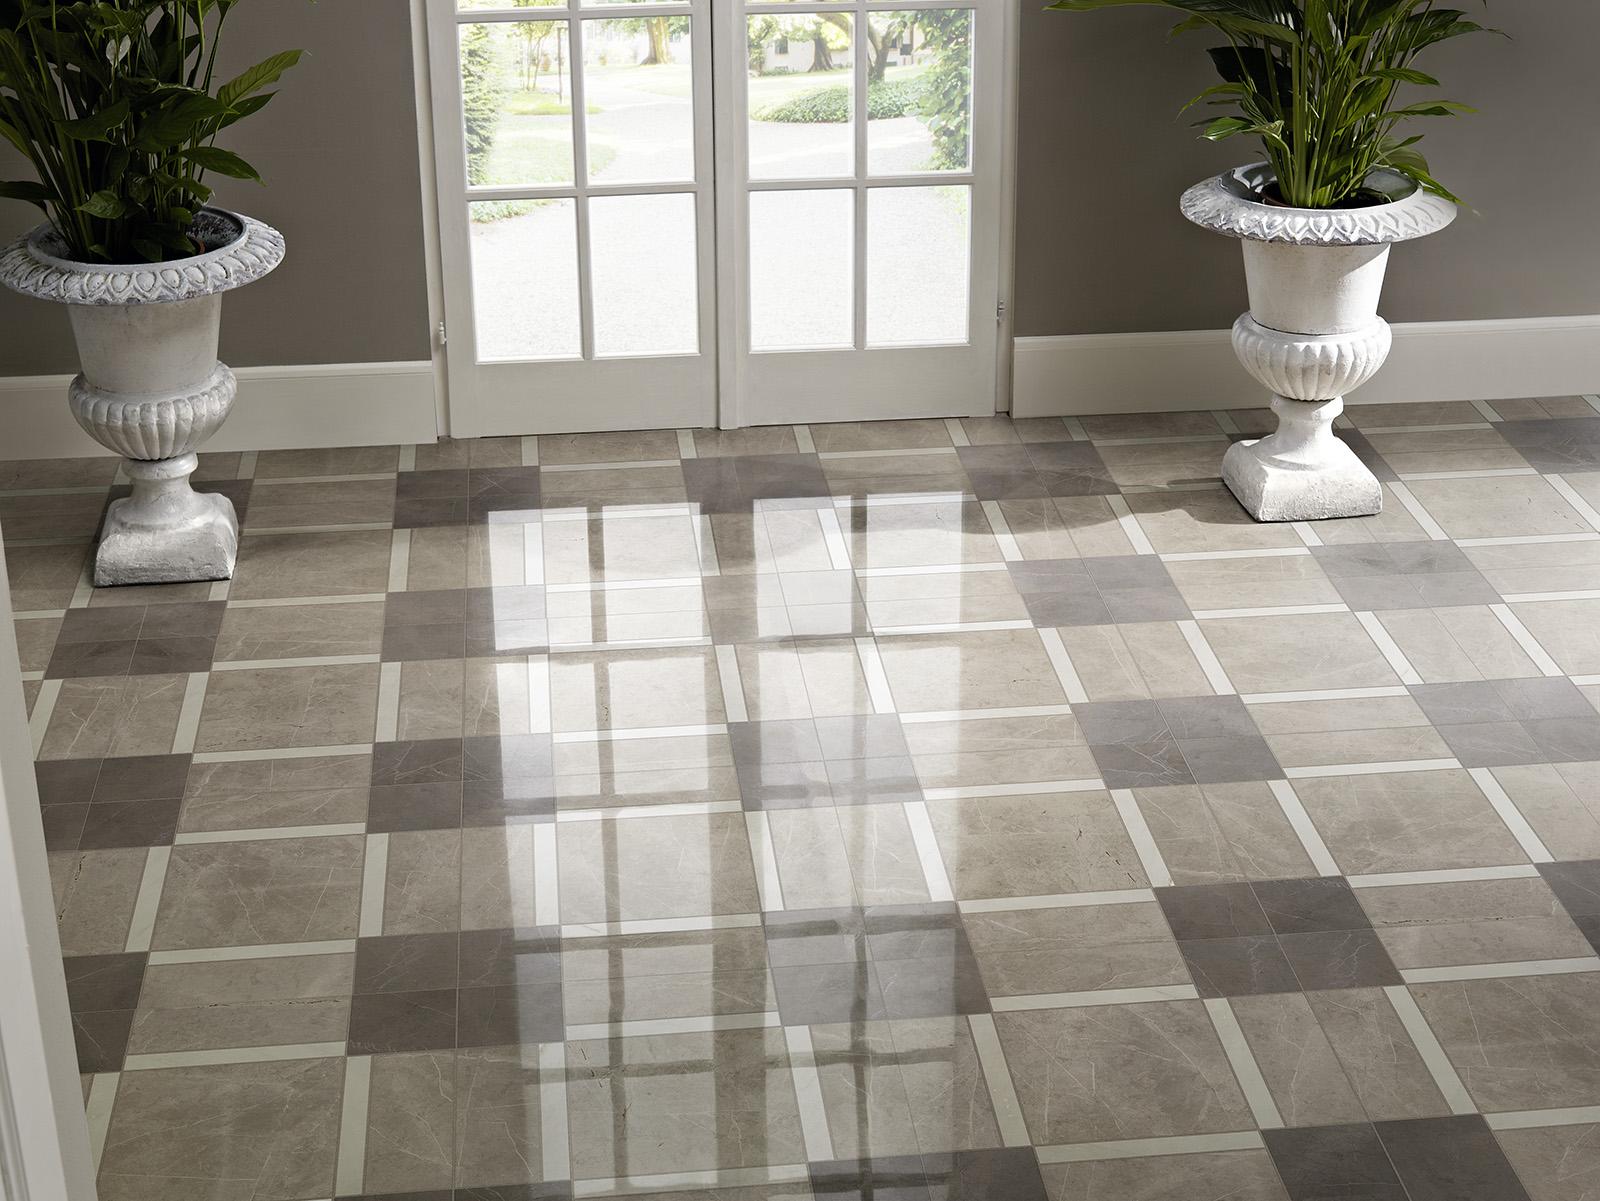 Evolutionmarble gres porcellanato effetto marmo marazzi for Gres effetto marmo